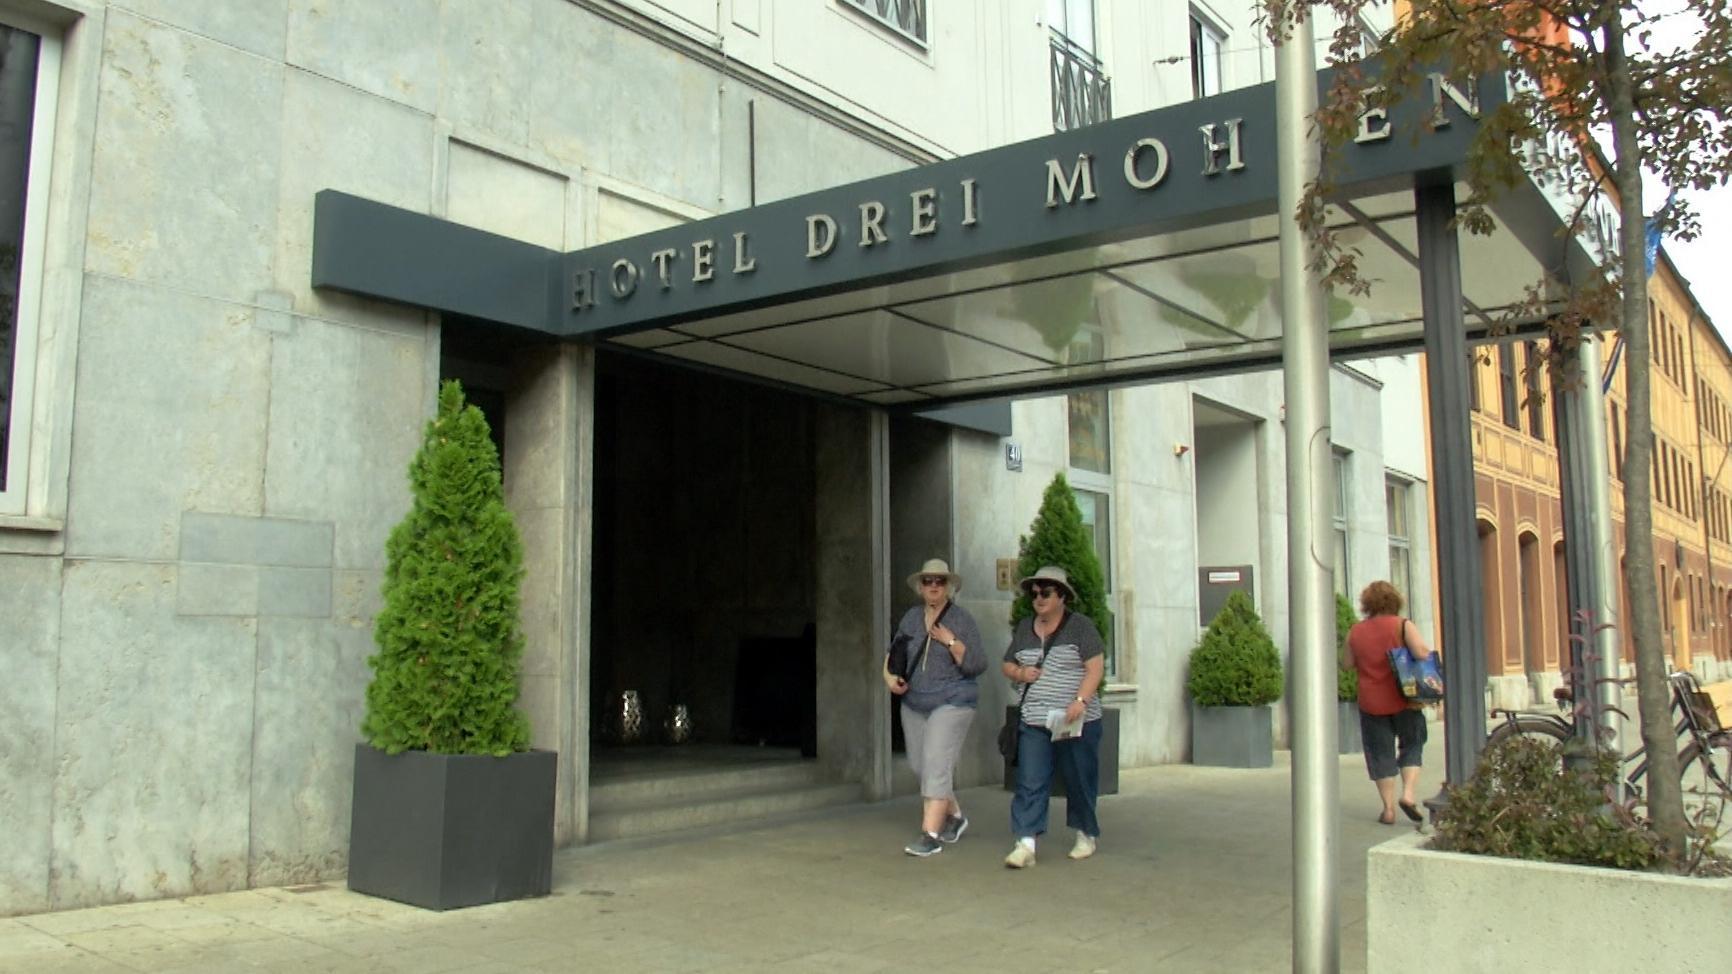 Eingang Hotel Drei Mohren in Augsburg